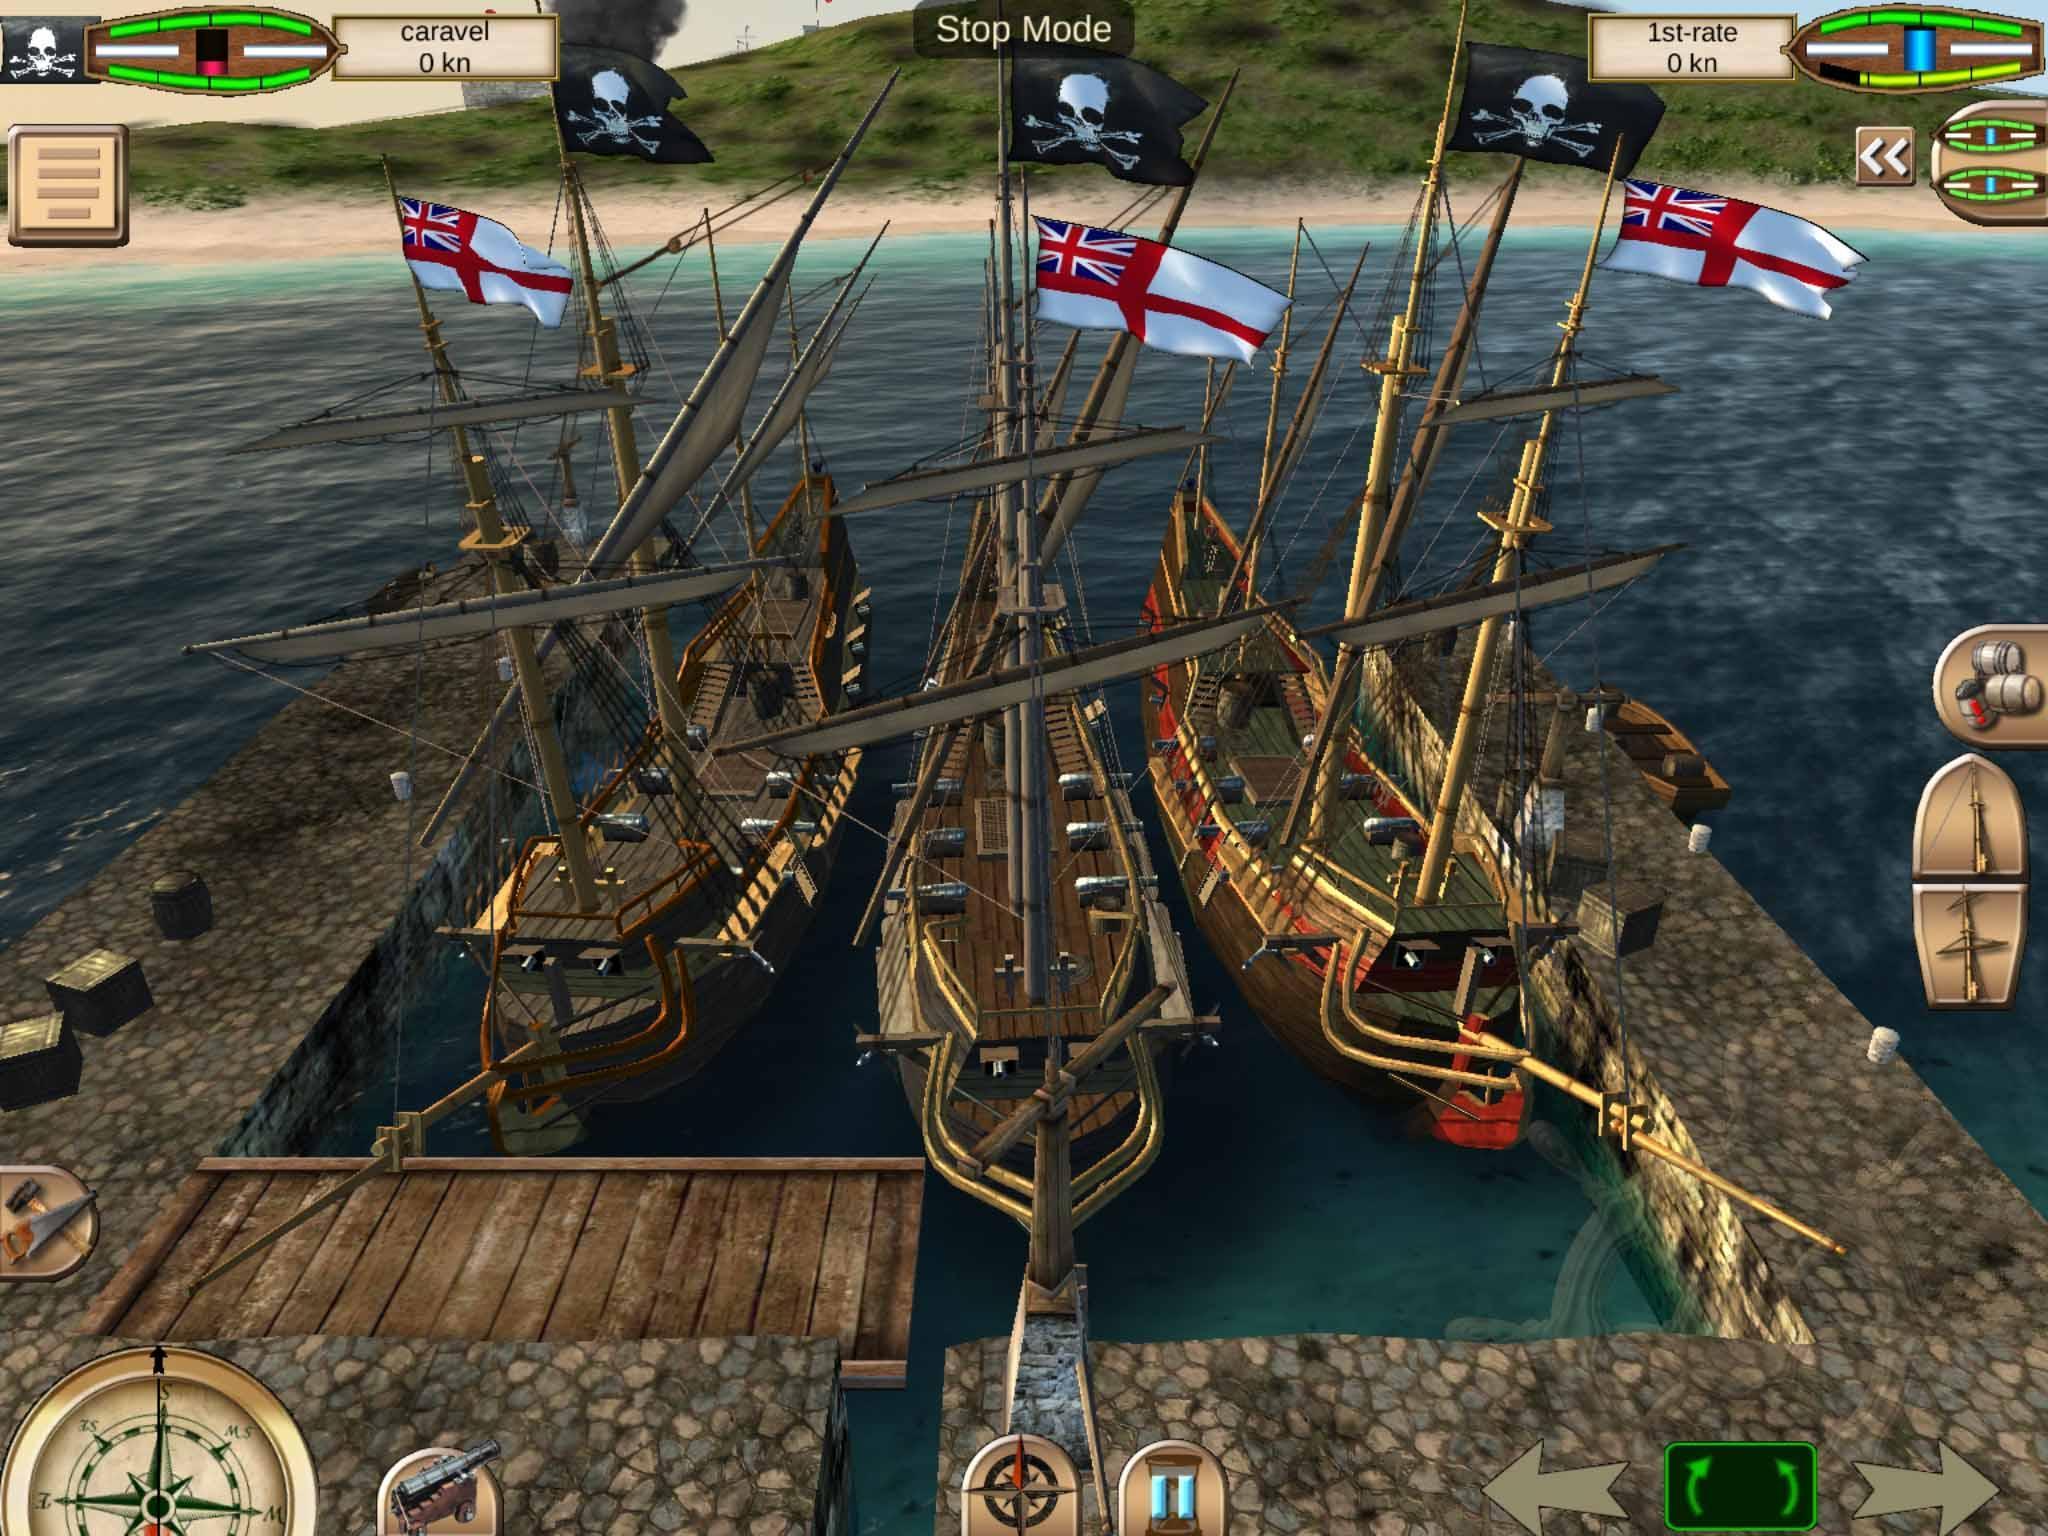 пираты карибского моря скачать на телефон